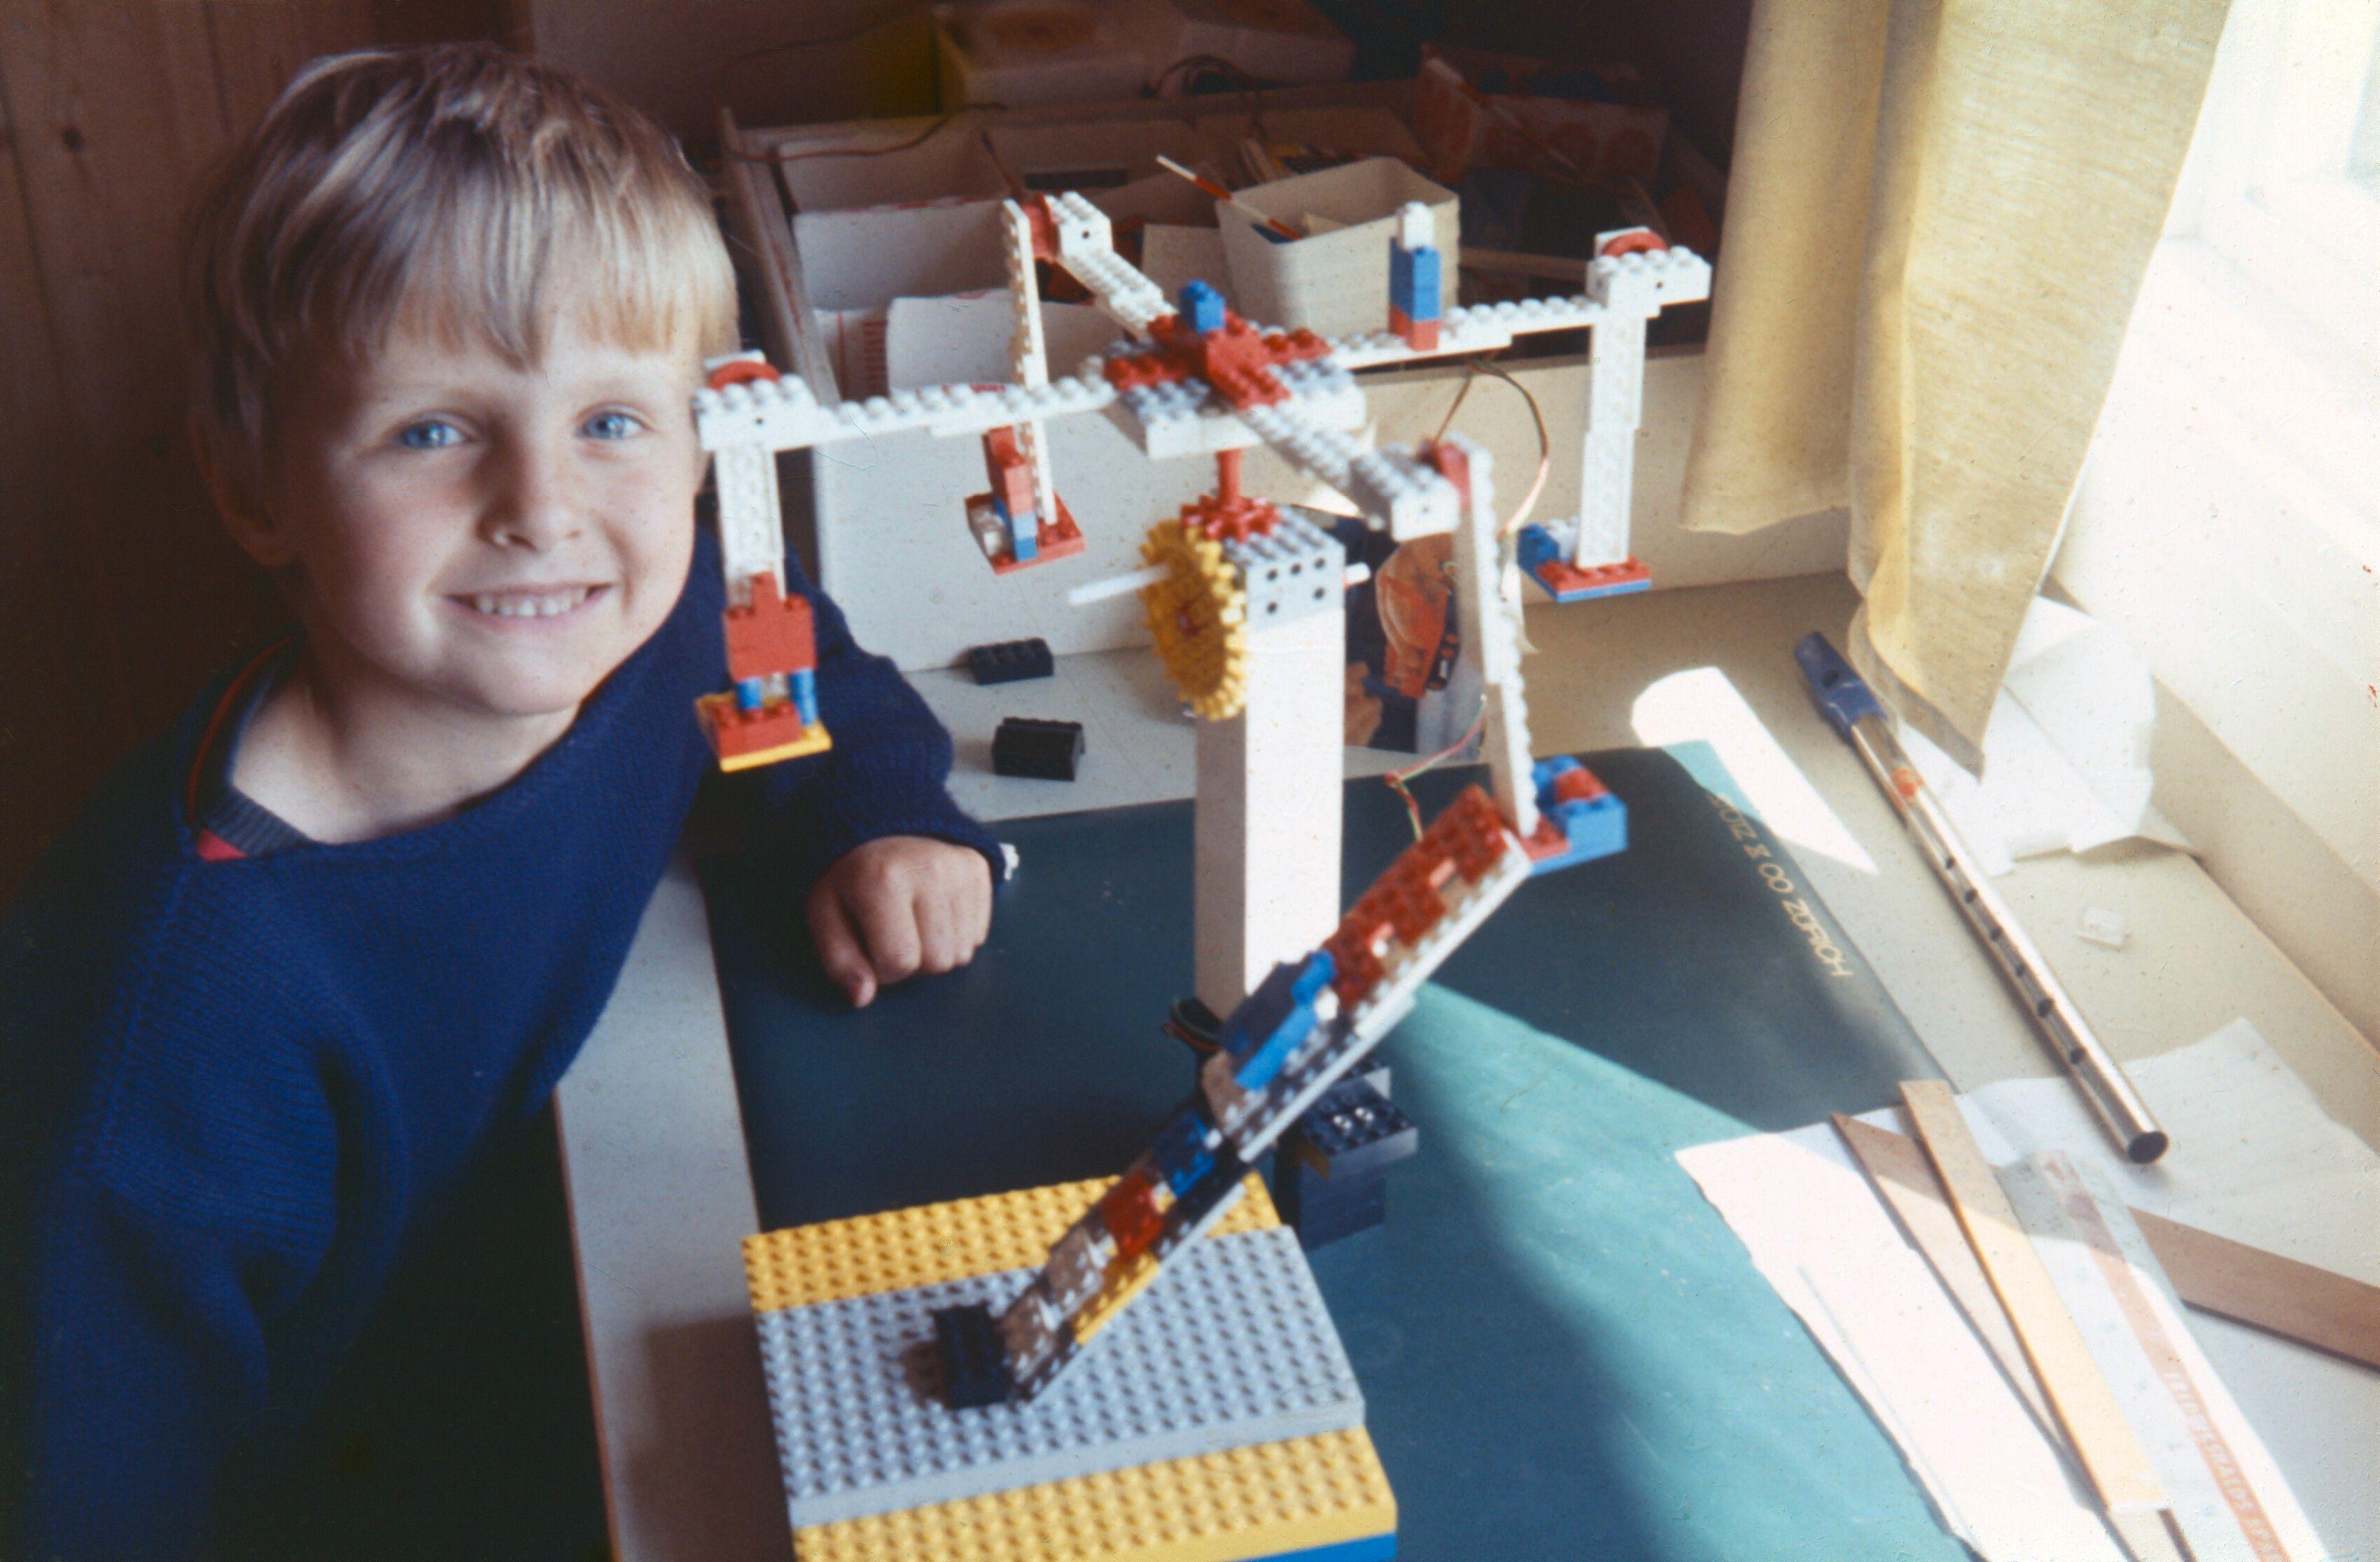 Som 6-åring hadde ikke Håkon Wium Lie tilgang til datamaskiner, og måtte derfor leke med Lego.Foto: Privat